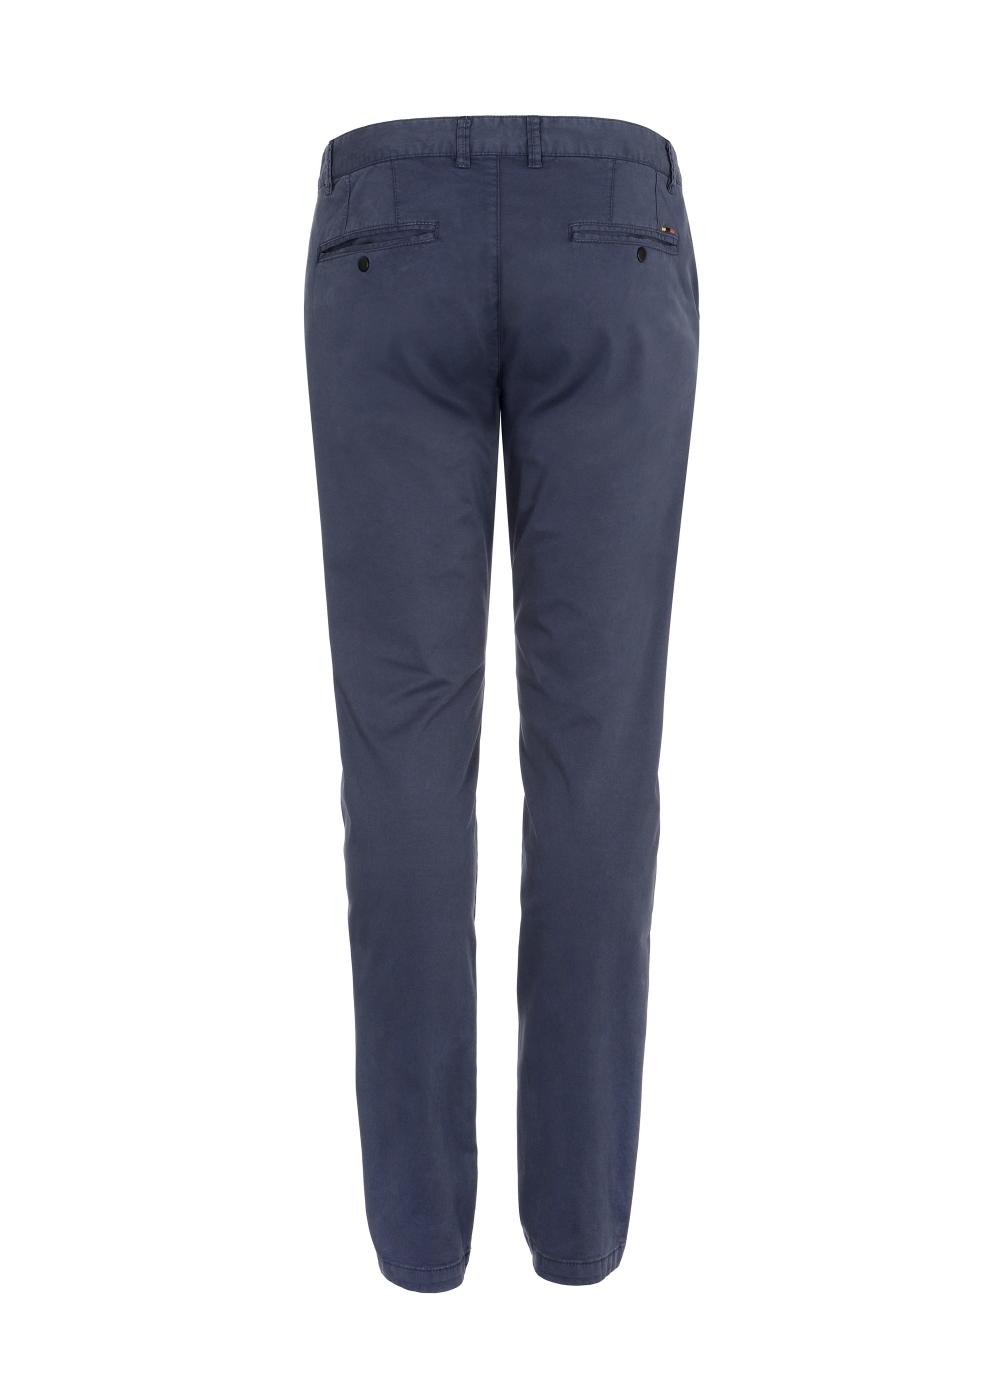 Spodnie męskie SPOMT-0055-69(Z20)